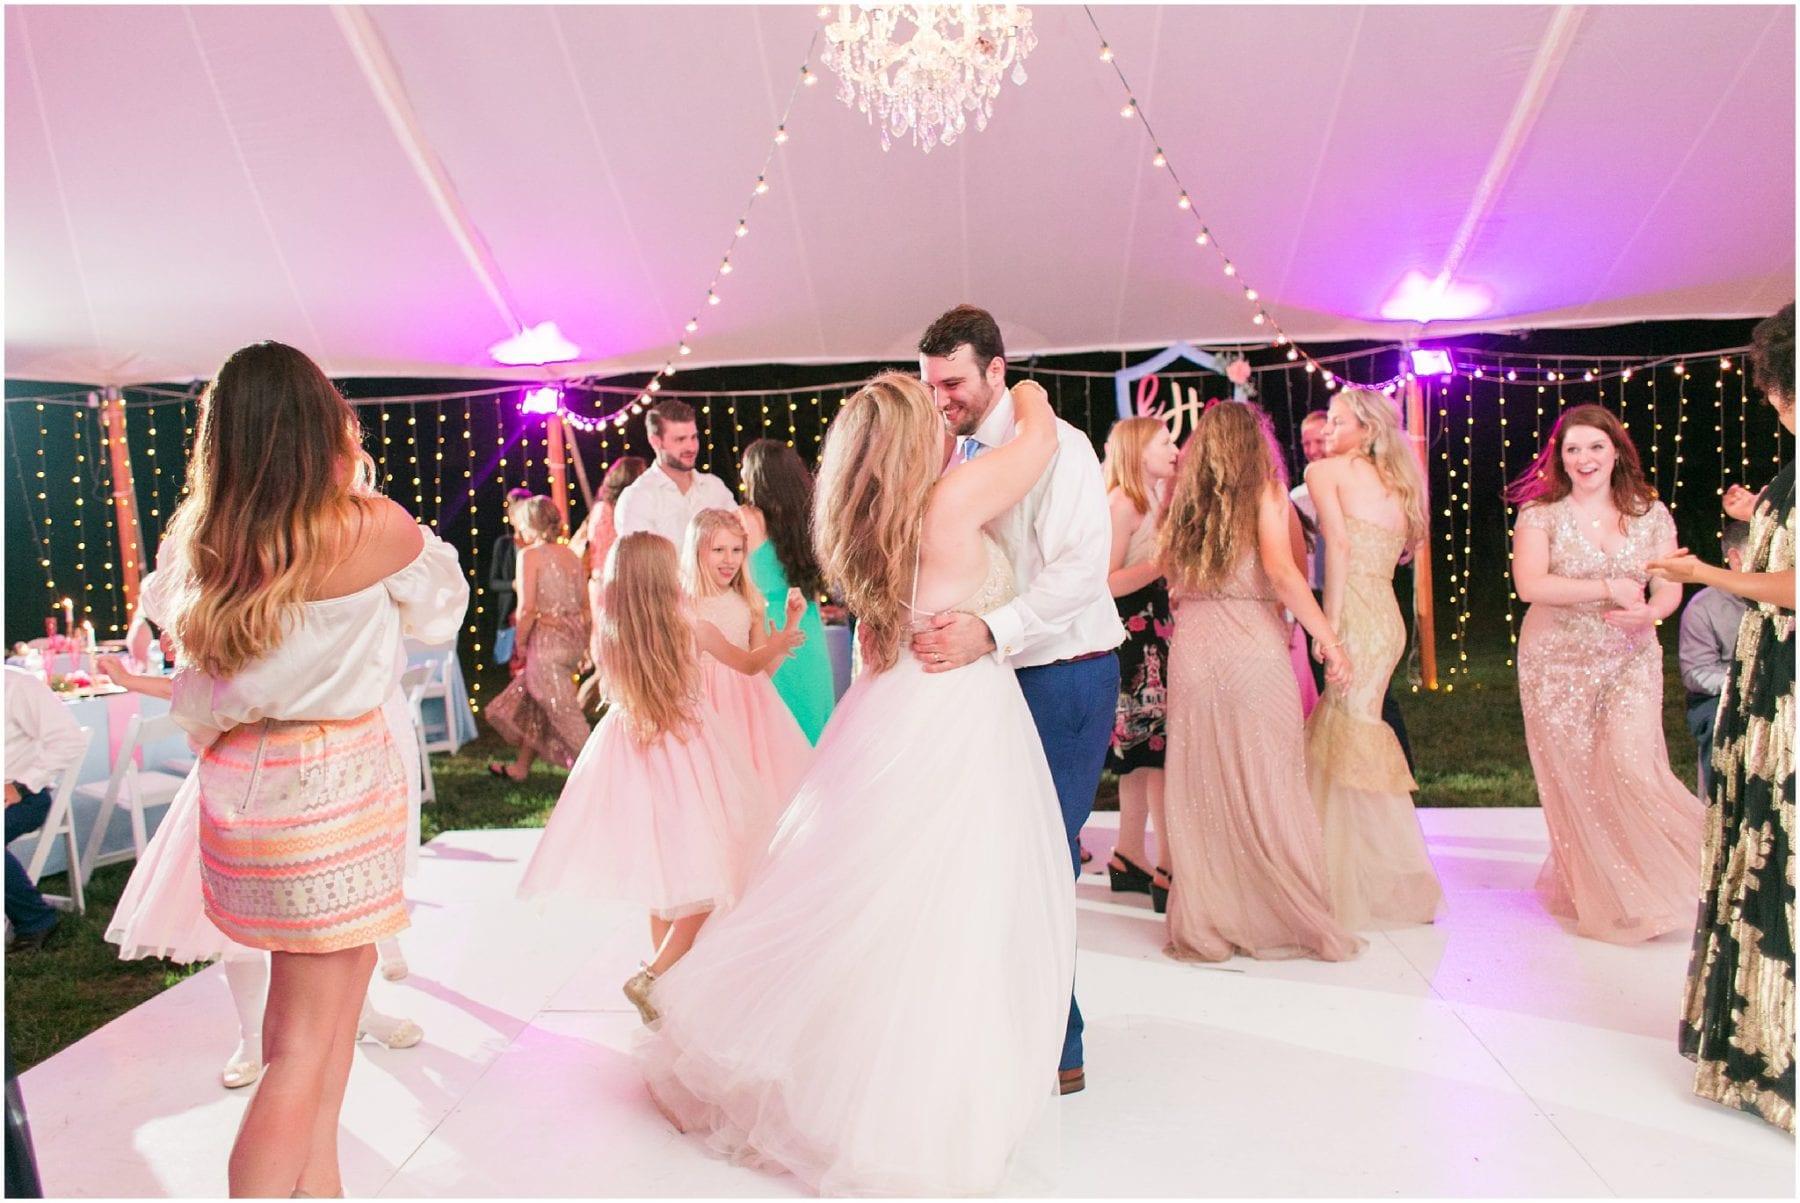 Maryland Backyard Wedding Photos Kelly & Zach Megan Kelsey Photography-335.jpg